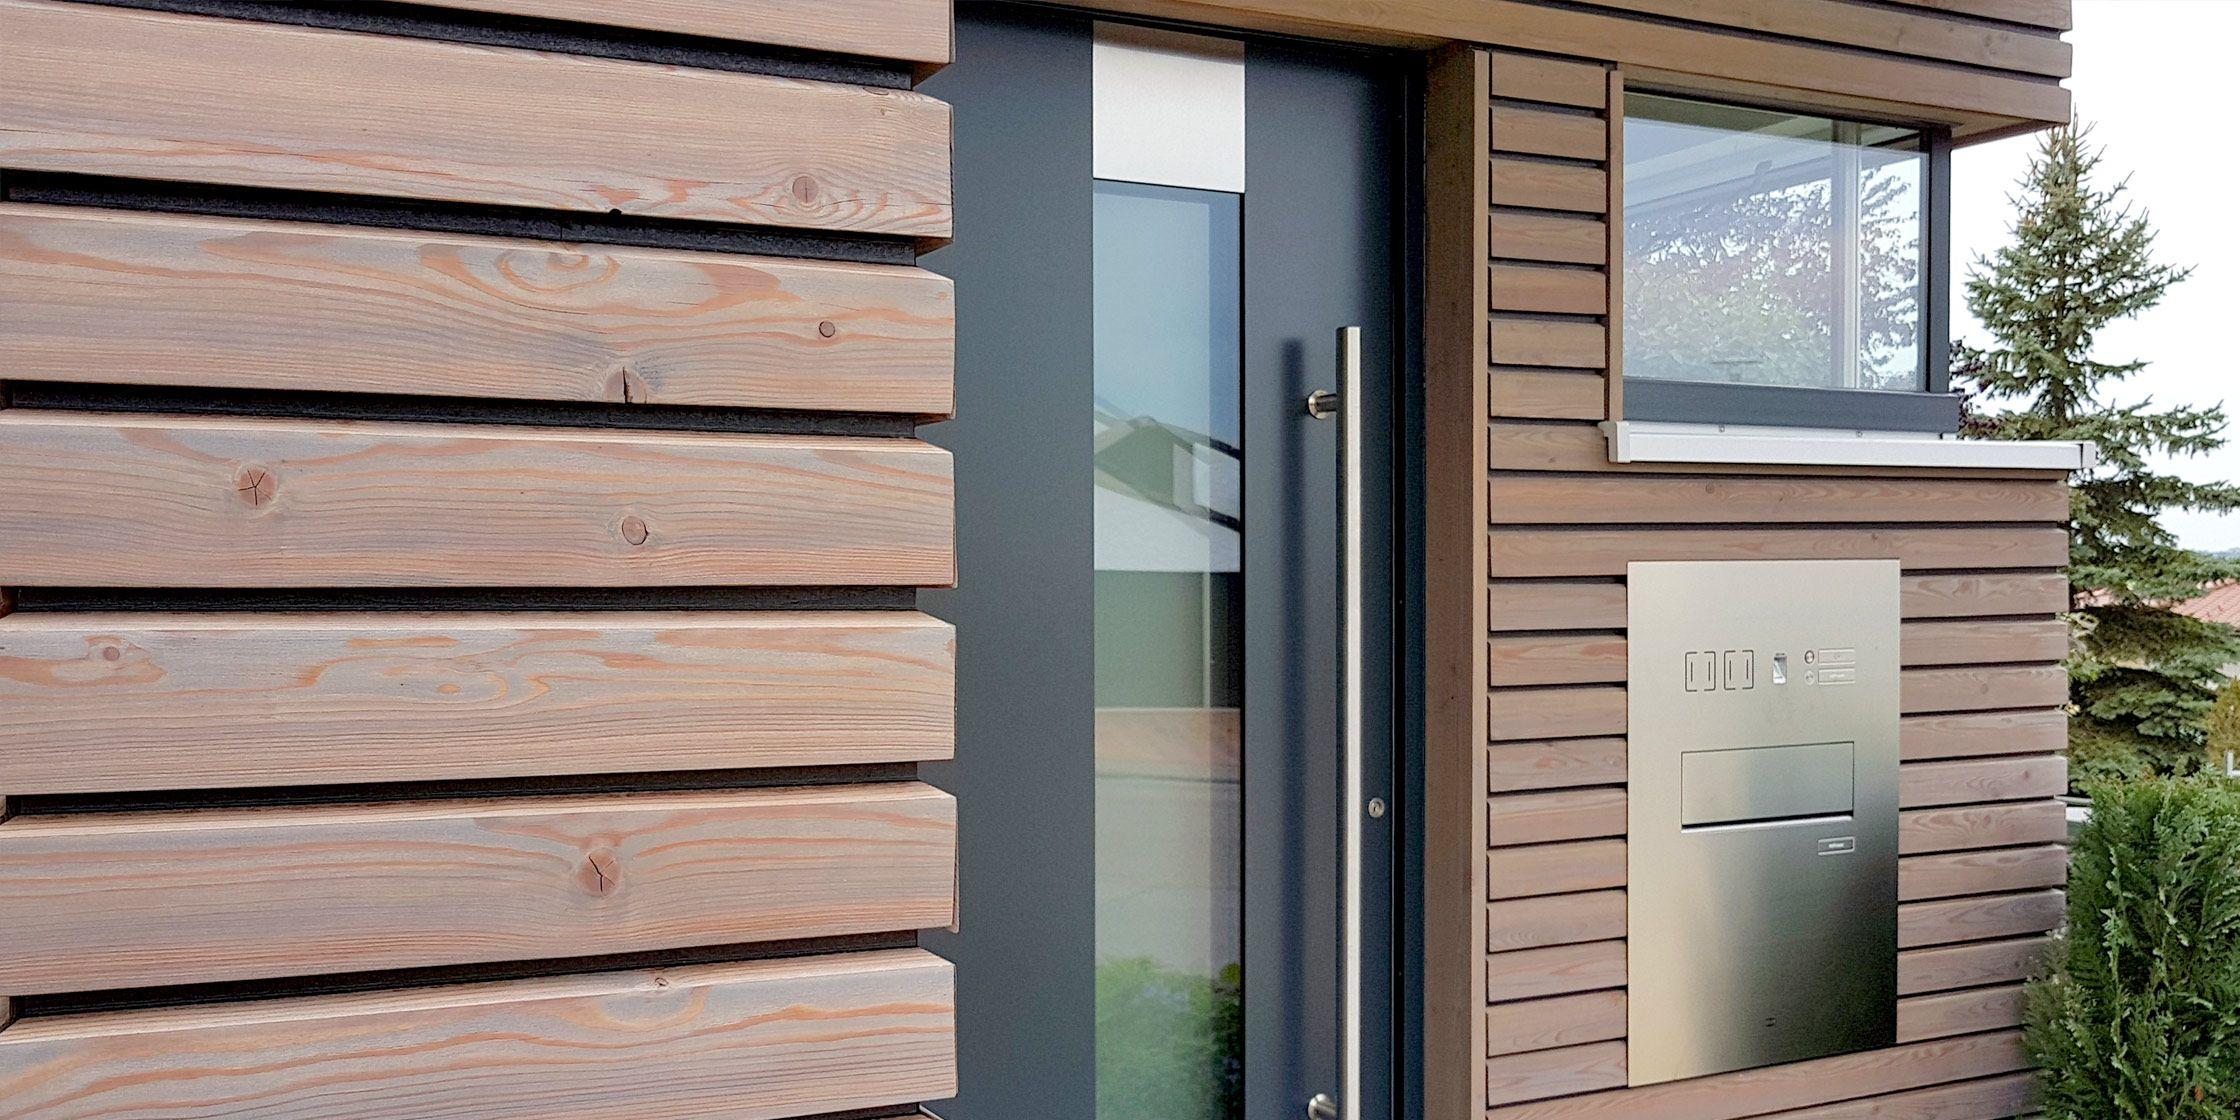 Trendliner Dekorativ Holzfassade Fassade Haus Verputzen